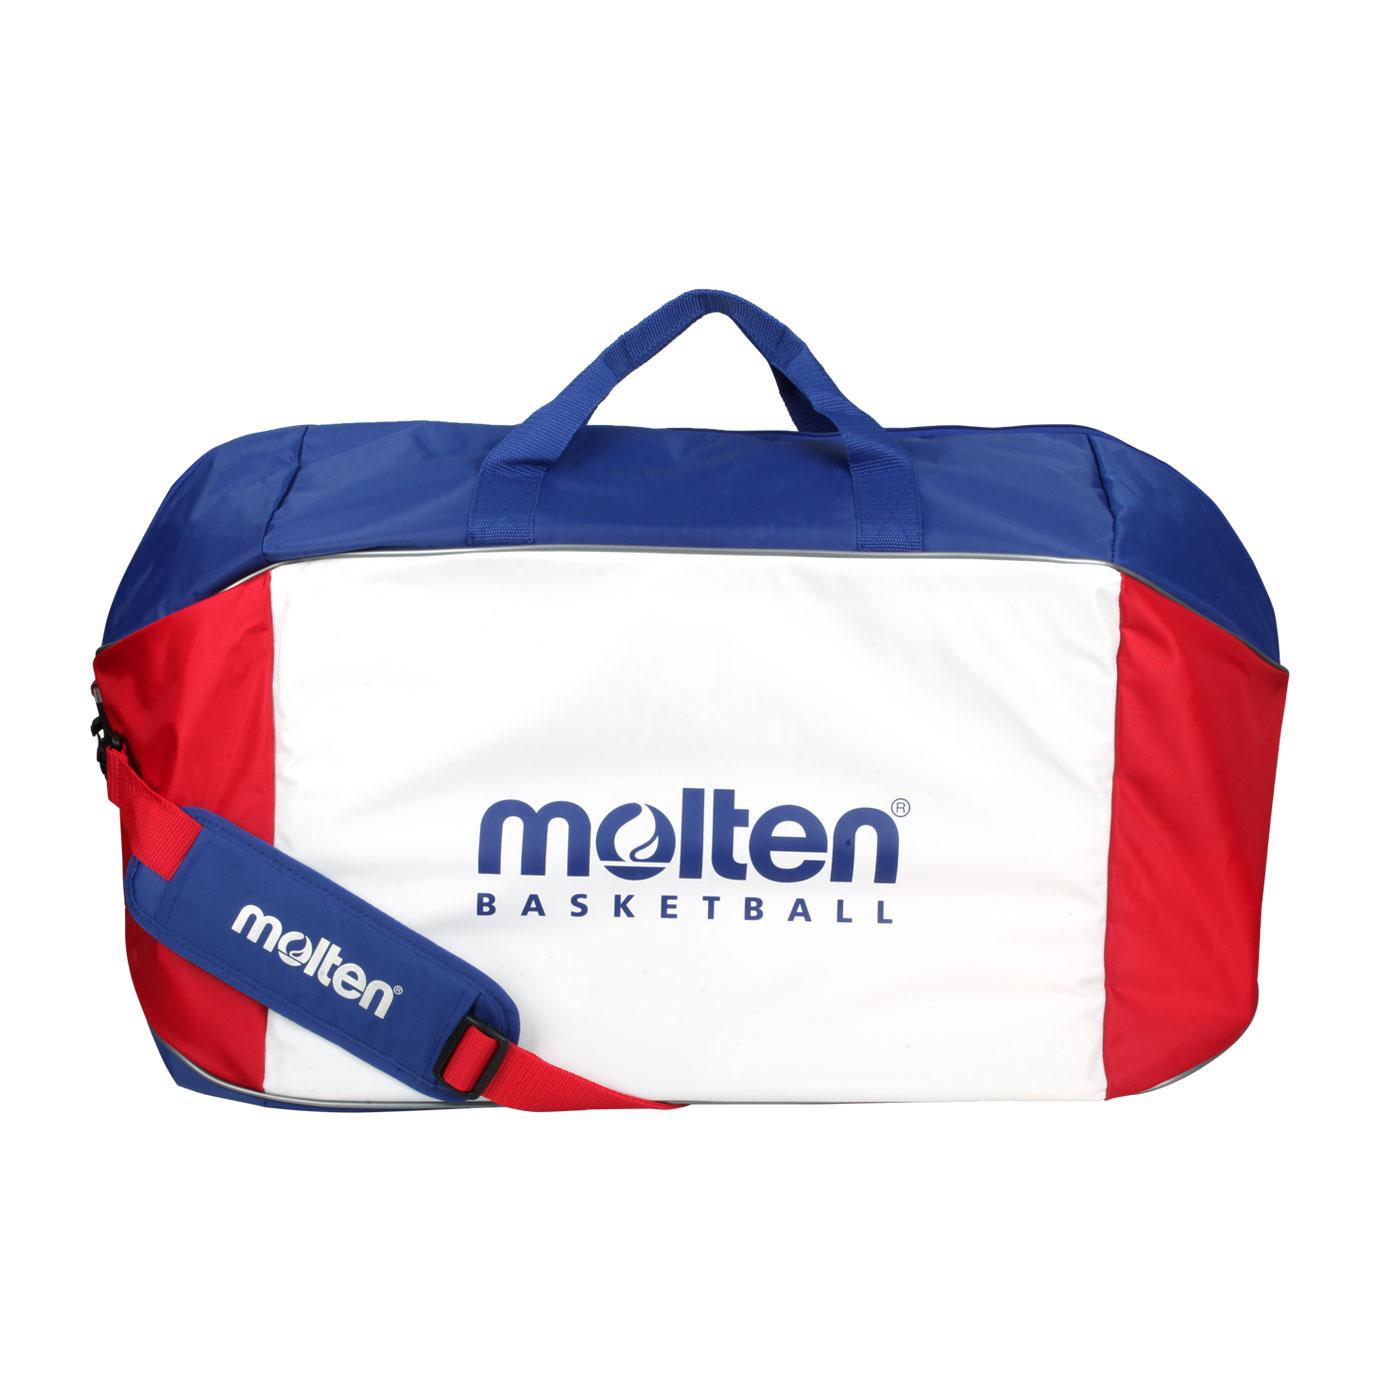 Molten 籃球袋(6入裝) EB0056